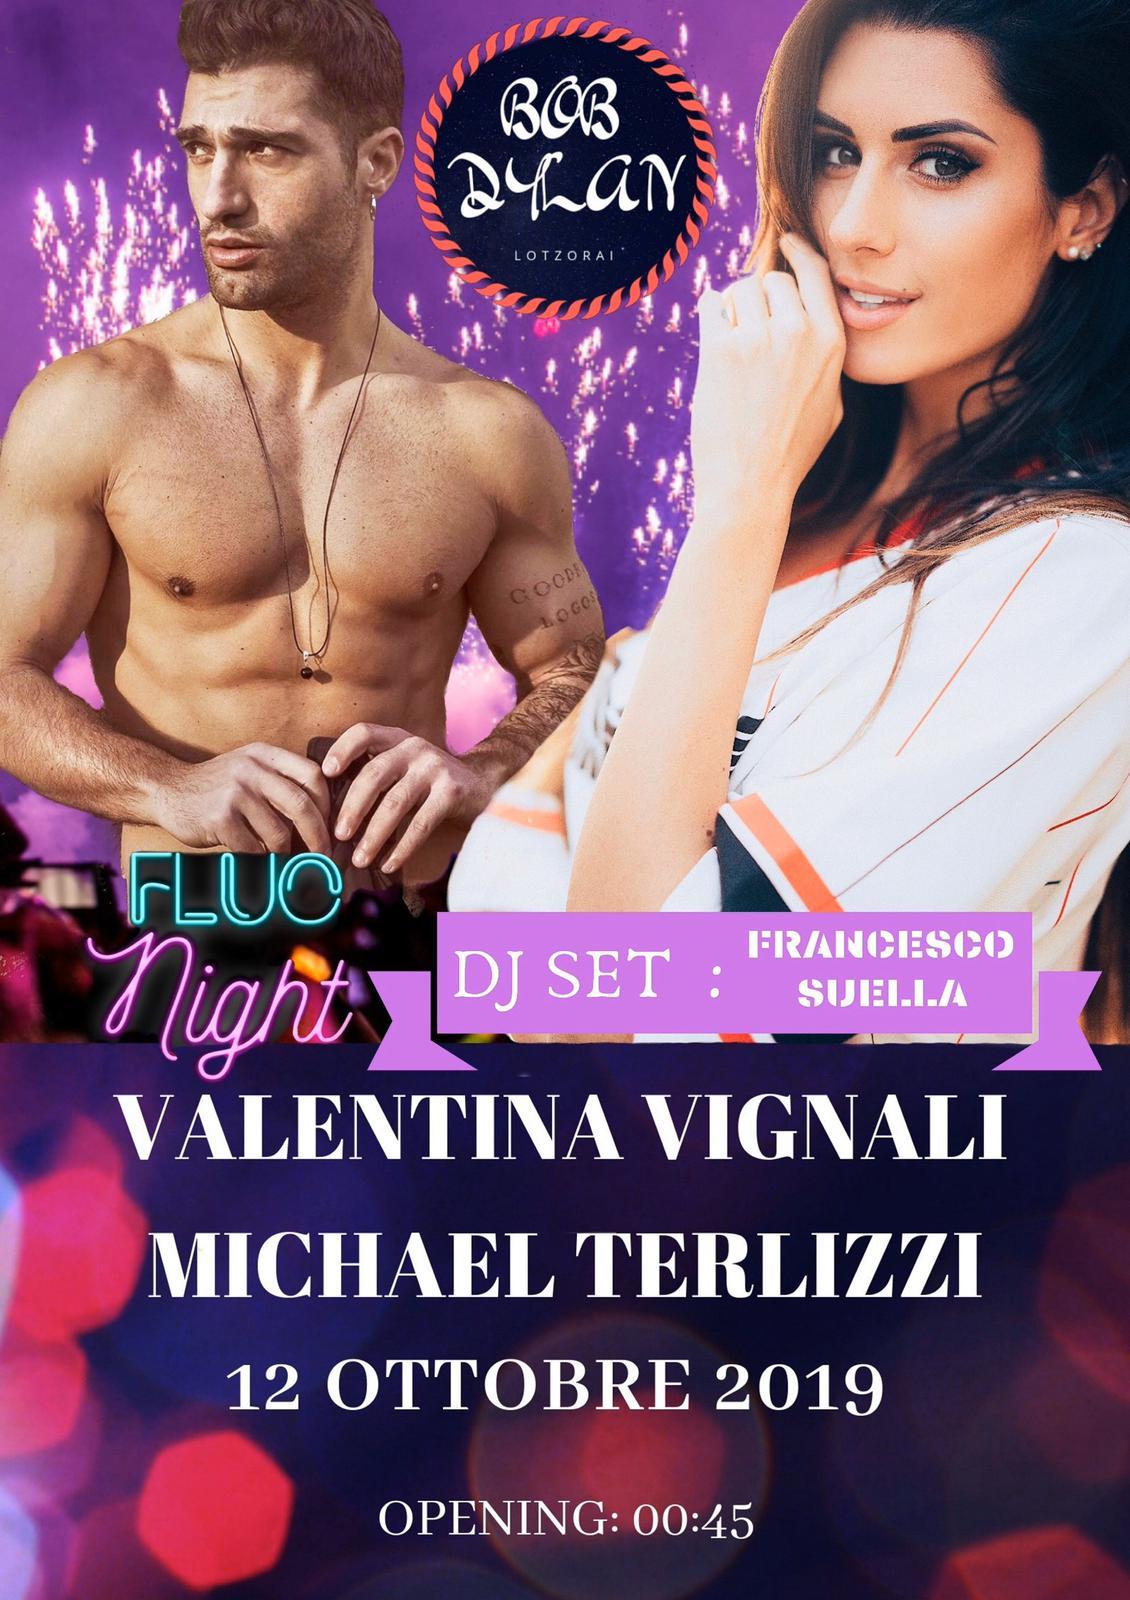 Evento speciale al Bob Dylan disco-club di Lotzorai: ospiti Valentina Vignali e Micheal Terlizzi dal Grande Fratello